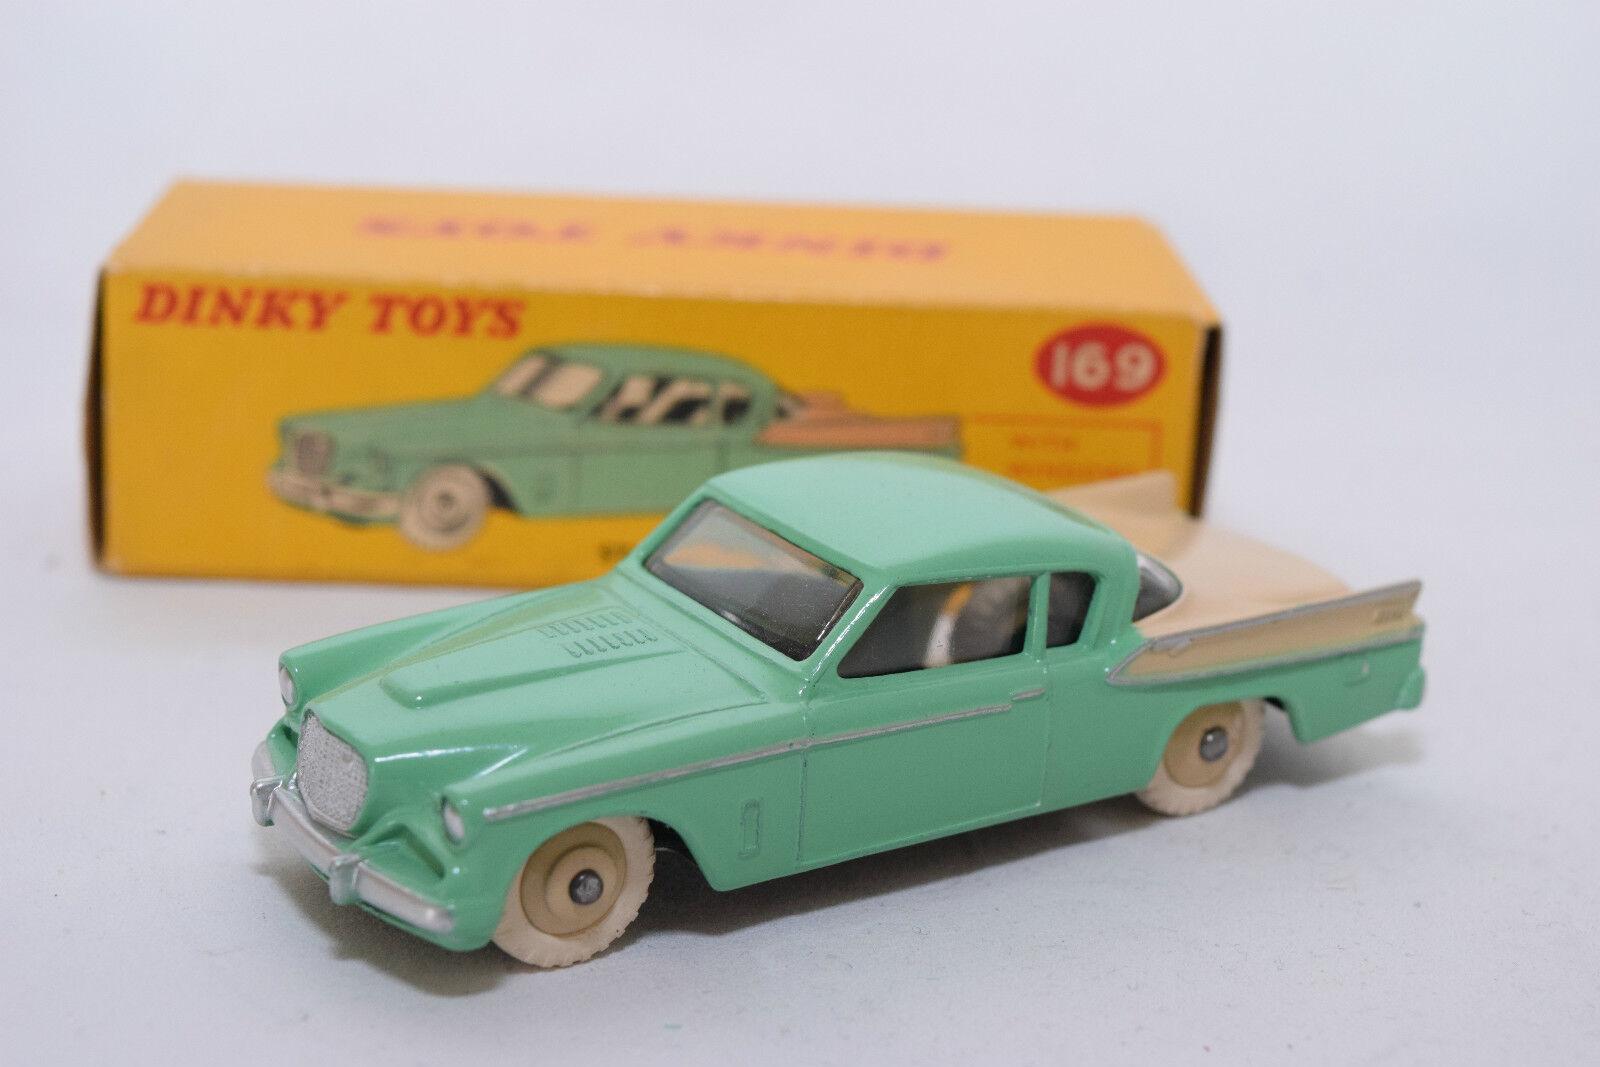 P Dinky Toys  169 Studebaker oren Hawk Turquoise Cream Mint Boxed RARE RARE  vente en ligne